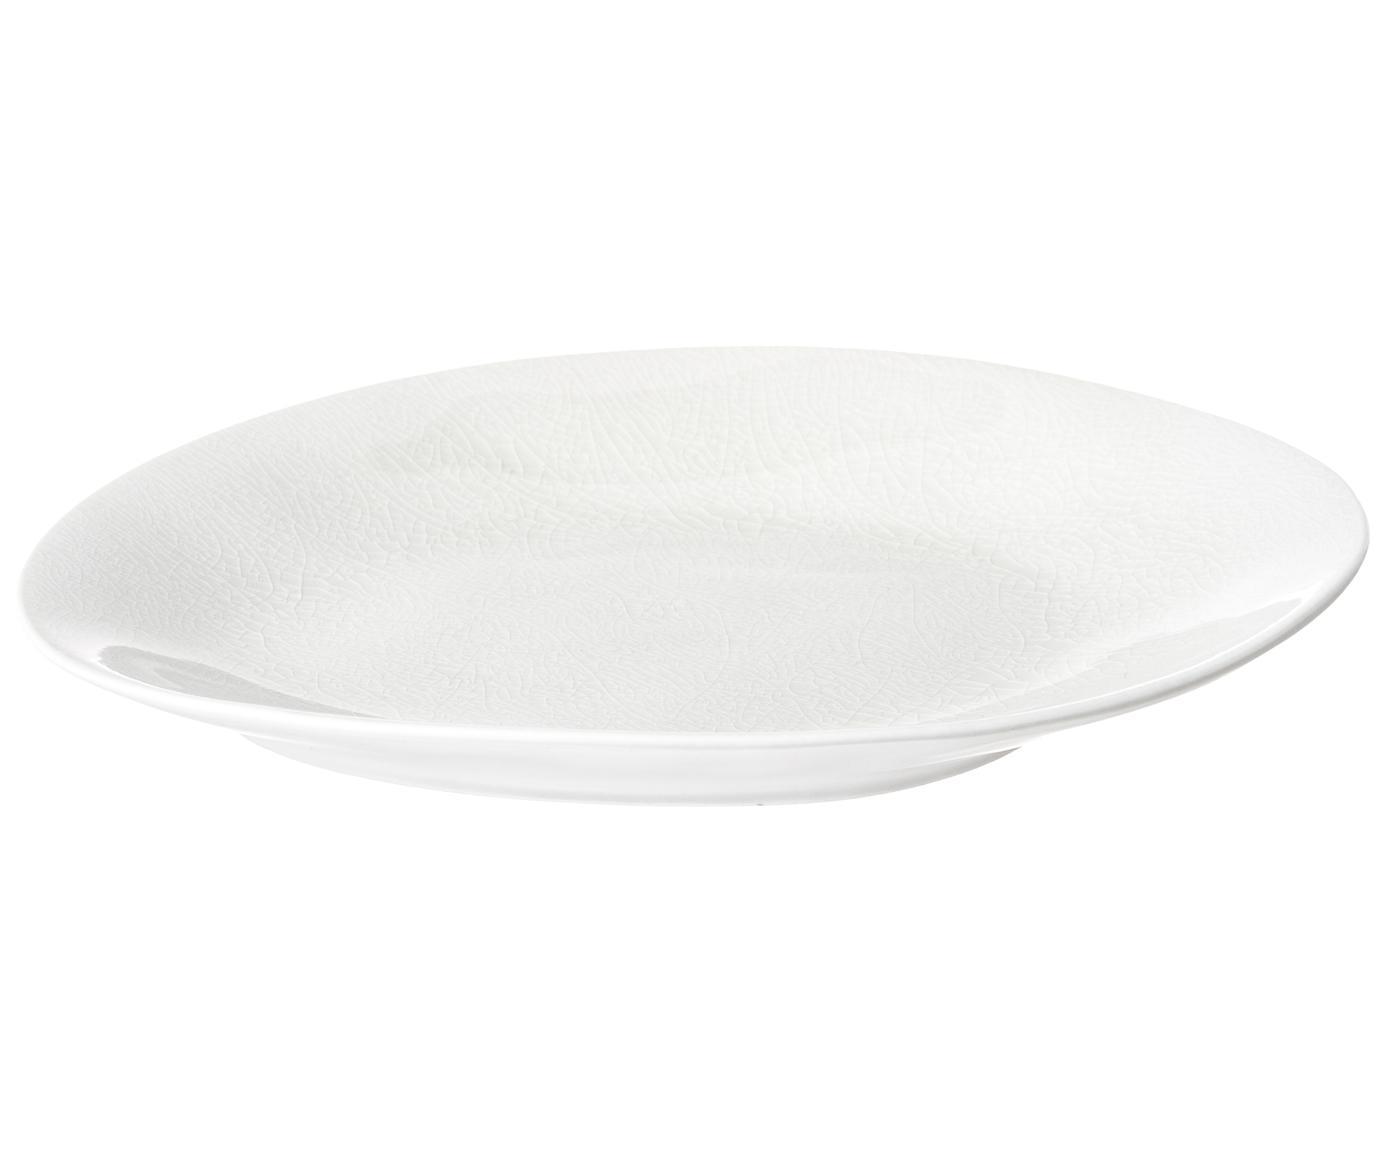 Piatto da dessert à la Maison, Porcellana, Crema, P 18 x L 20 cm